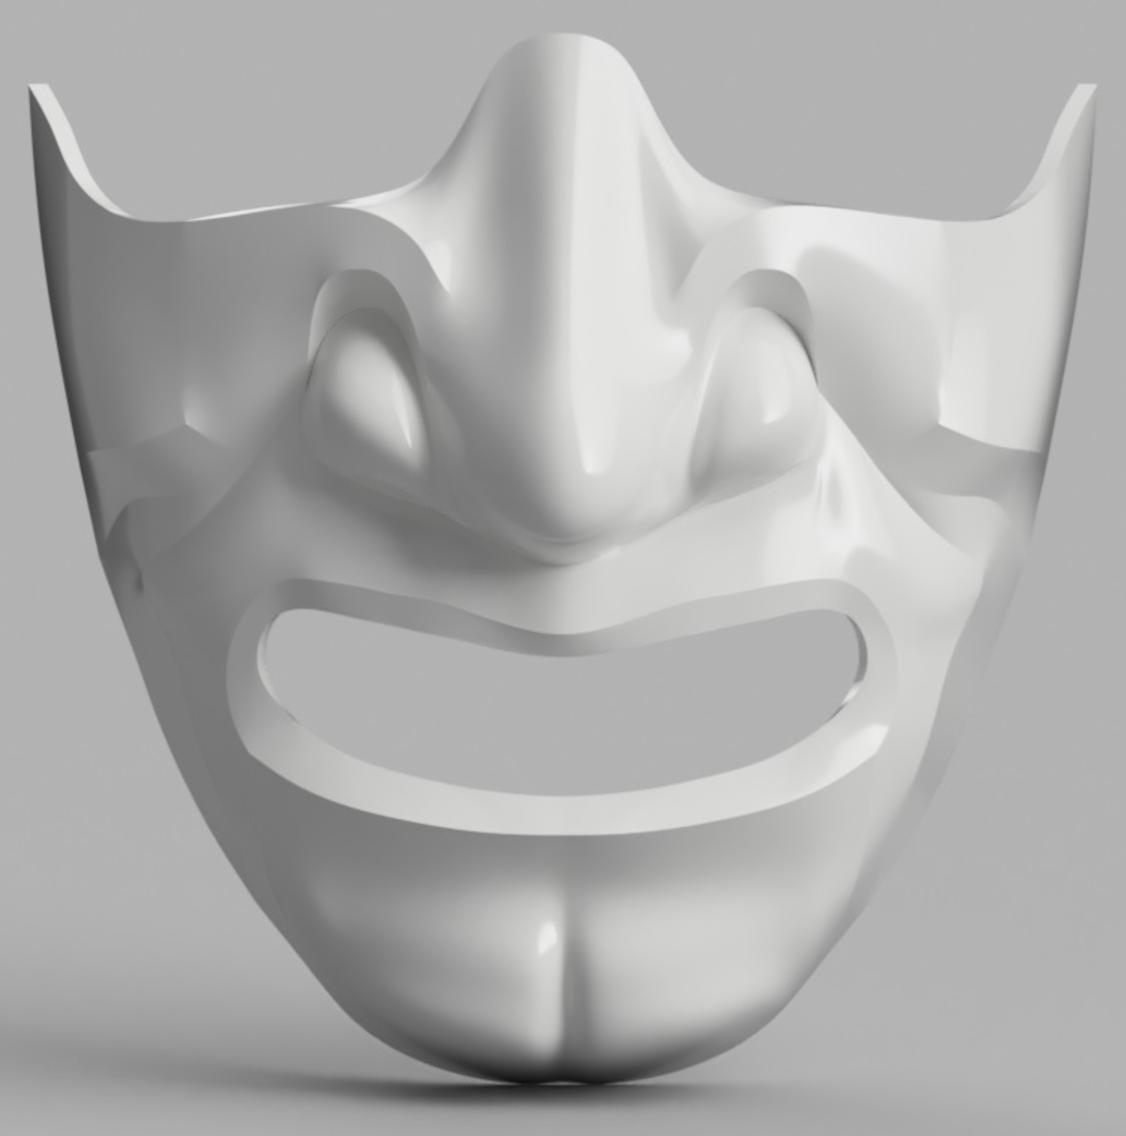 Capture d'écran 2017-09-14 à 16.07.02.png Download free STL file Samurai Half Mask (Mempo) • Model to 3D print, VillainousPropShop